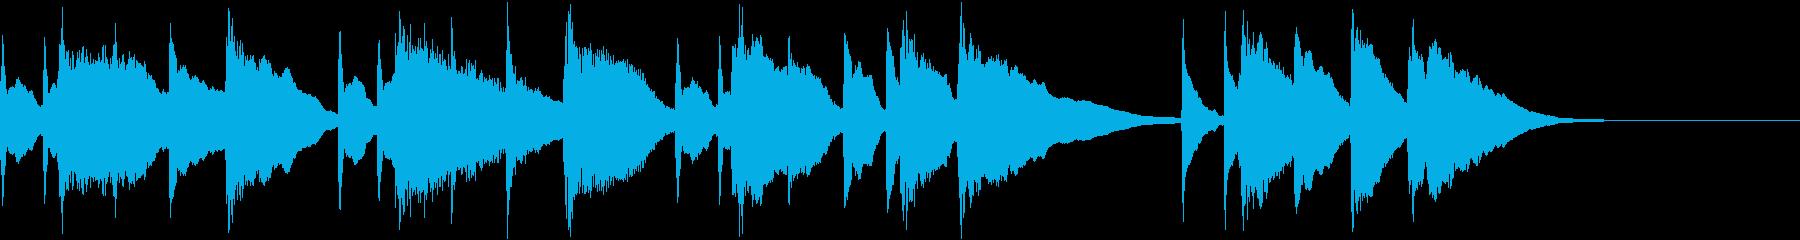 誕生日の曲_和風アレンジ_琴の再生済みの波形